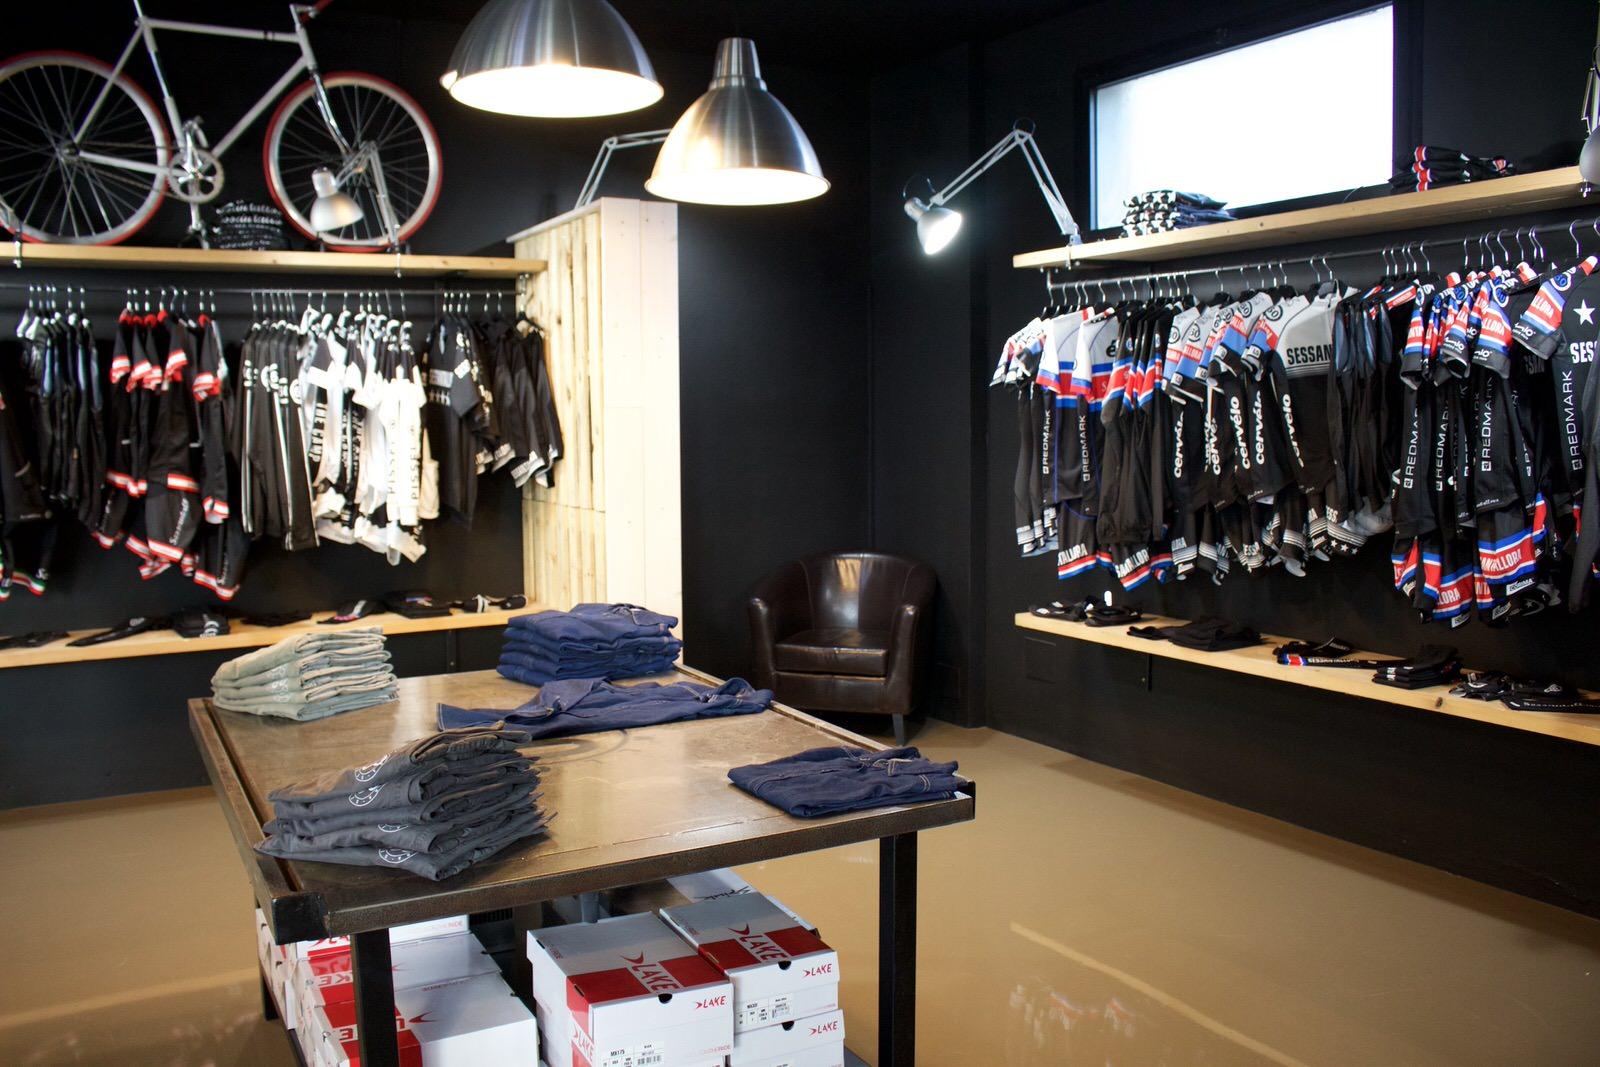 sessantallora_milanomarittima_store_mima_milano_marittima_cadorna_abbigliamento_tecnico_bici_bike